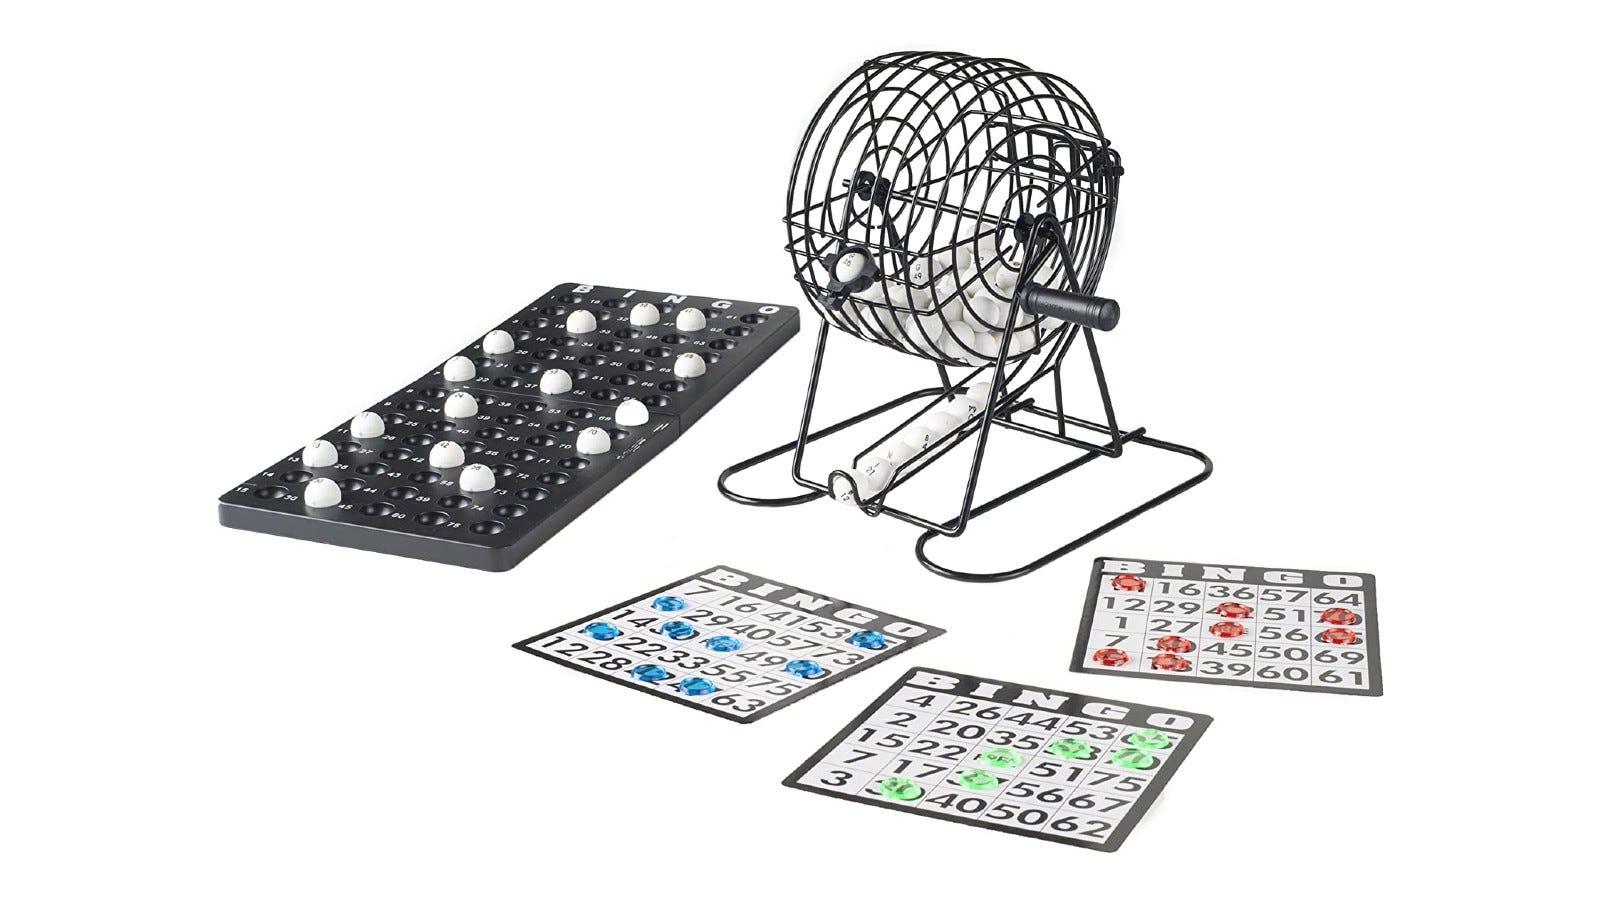 a bingo set with 18 reusable bingo cards